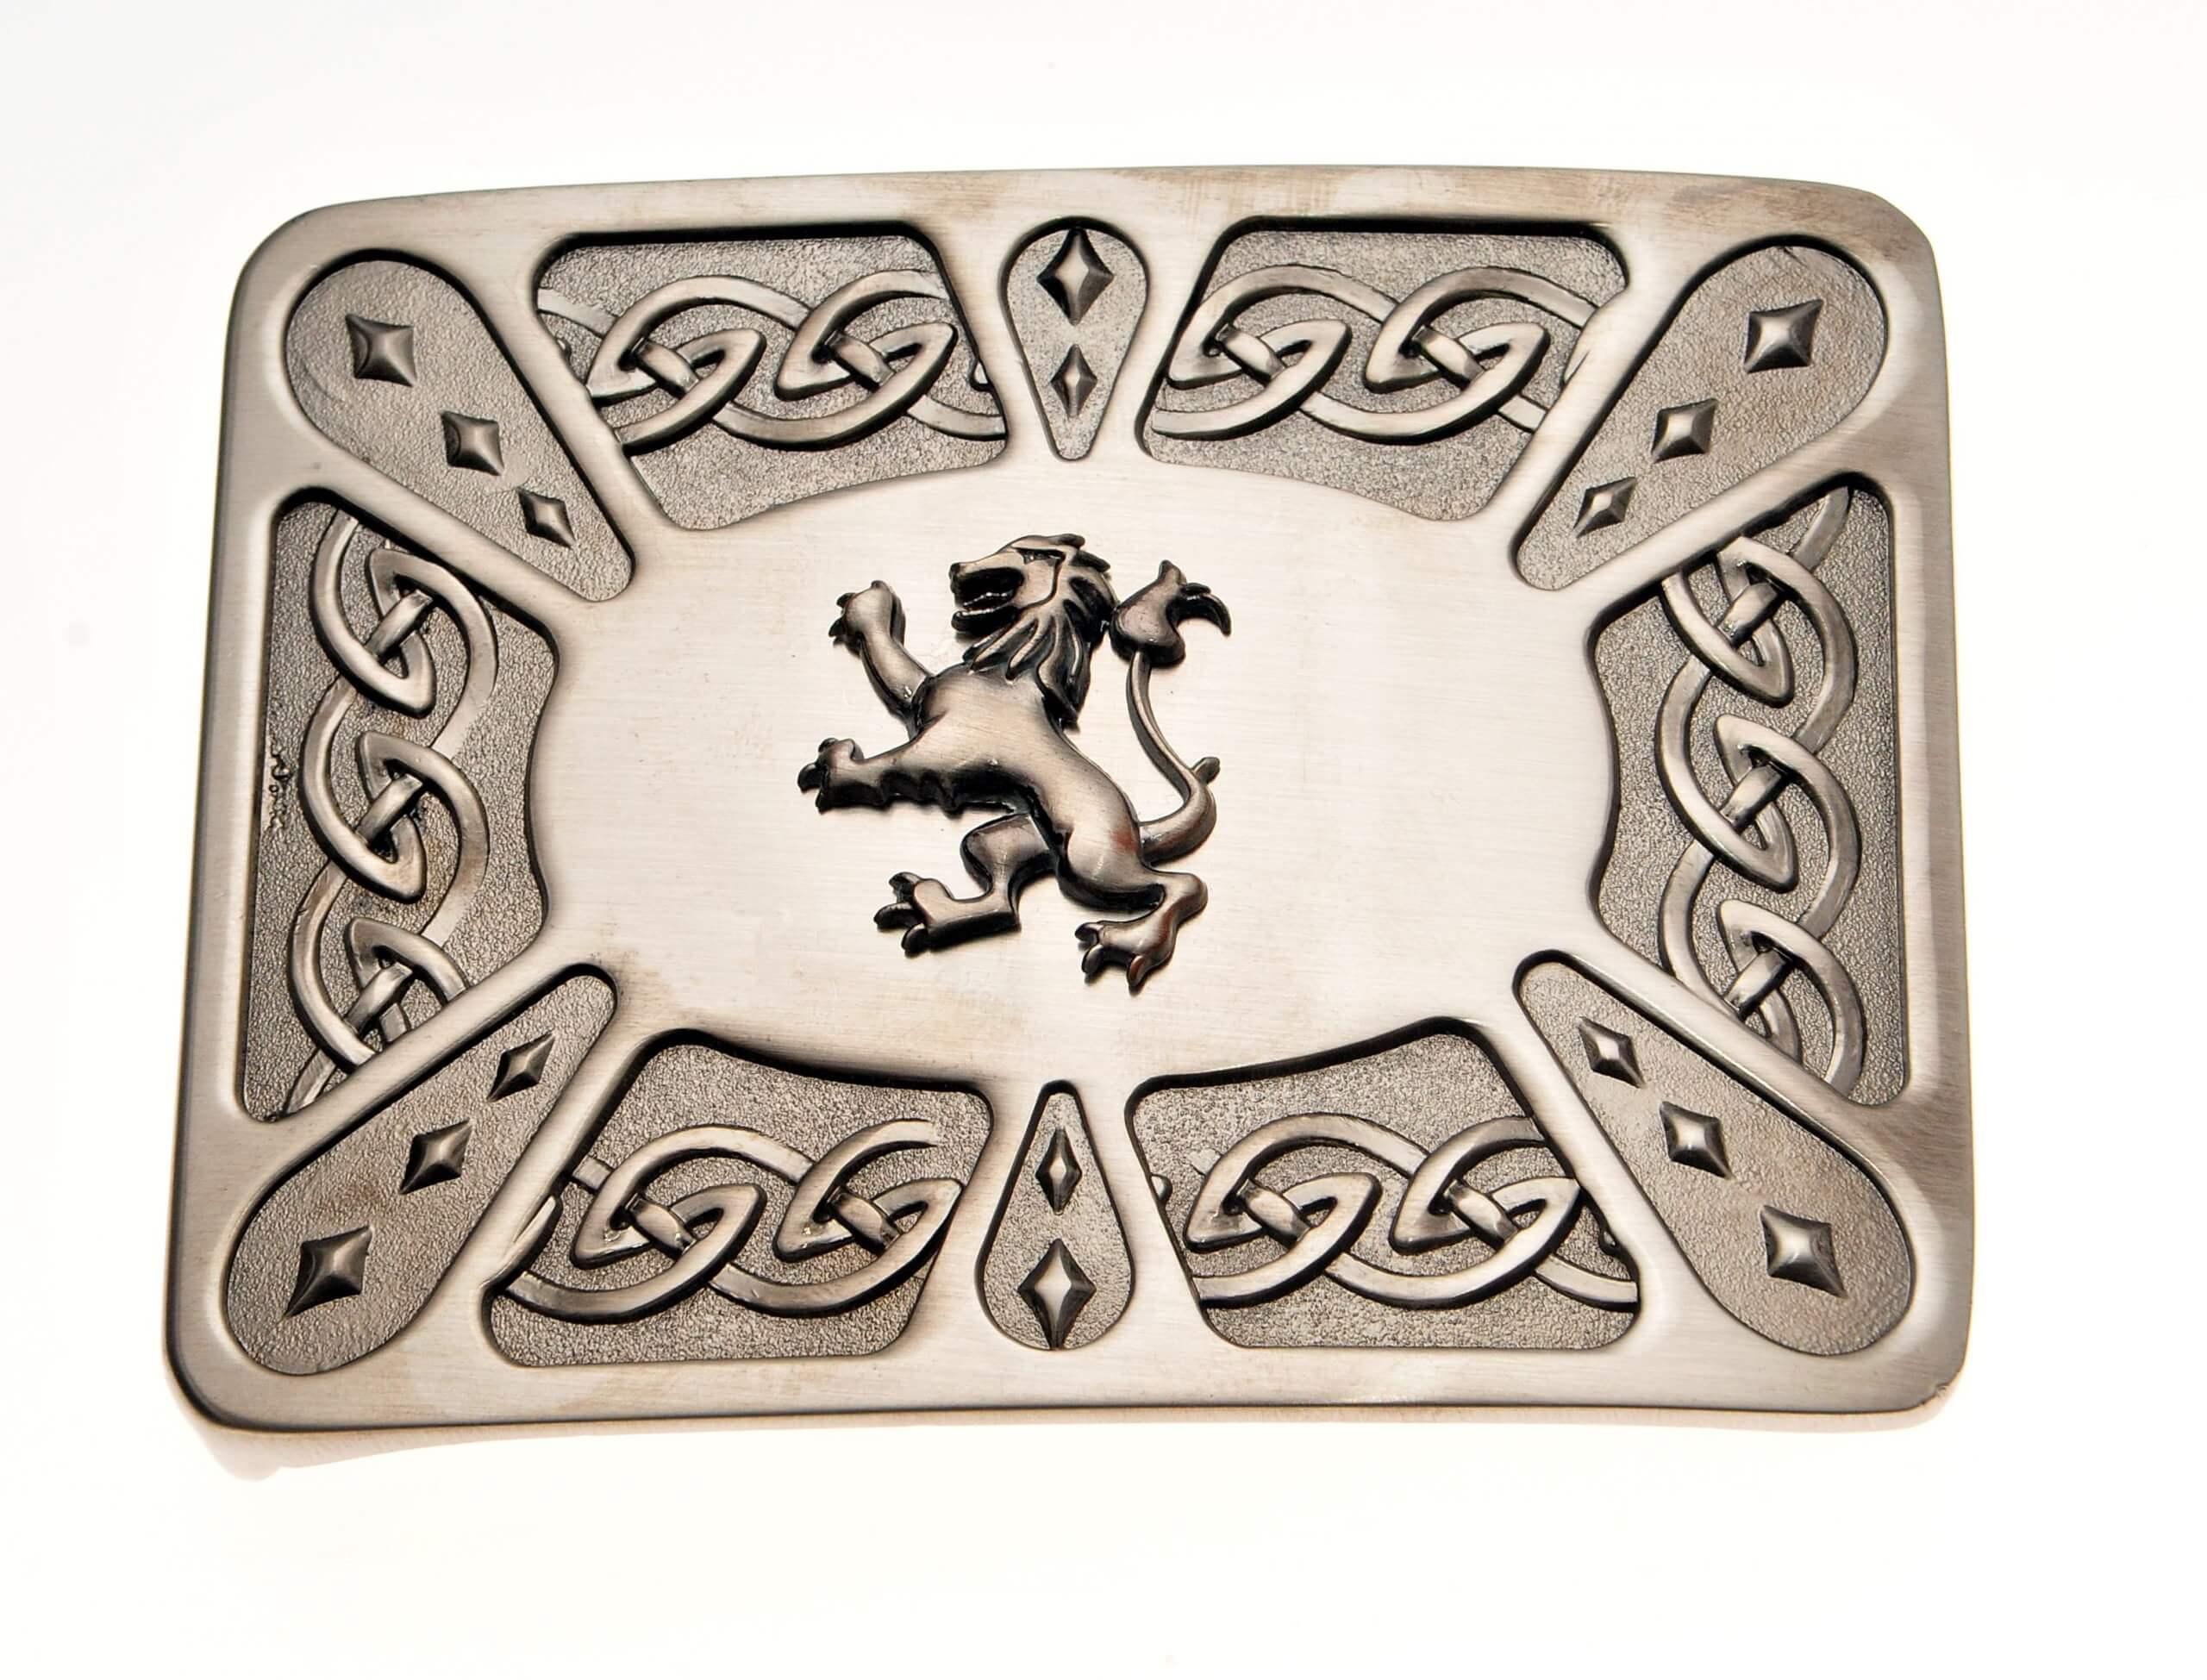 Kilt Buckle - Lion on Zoomorphic Antique